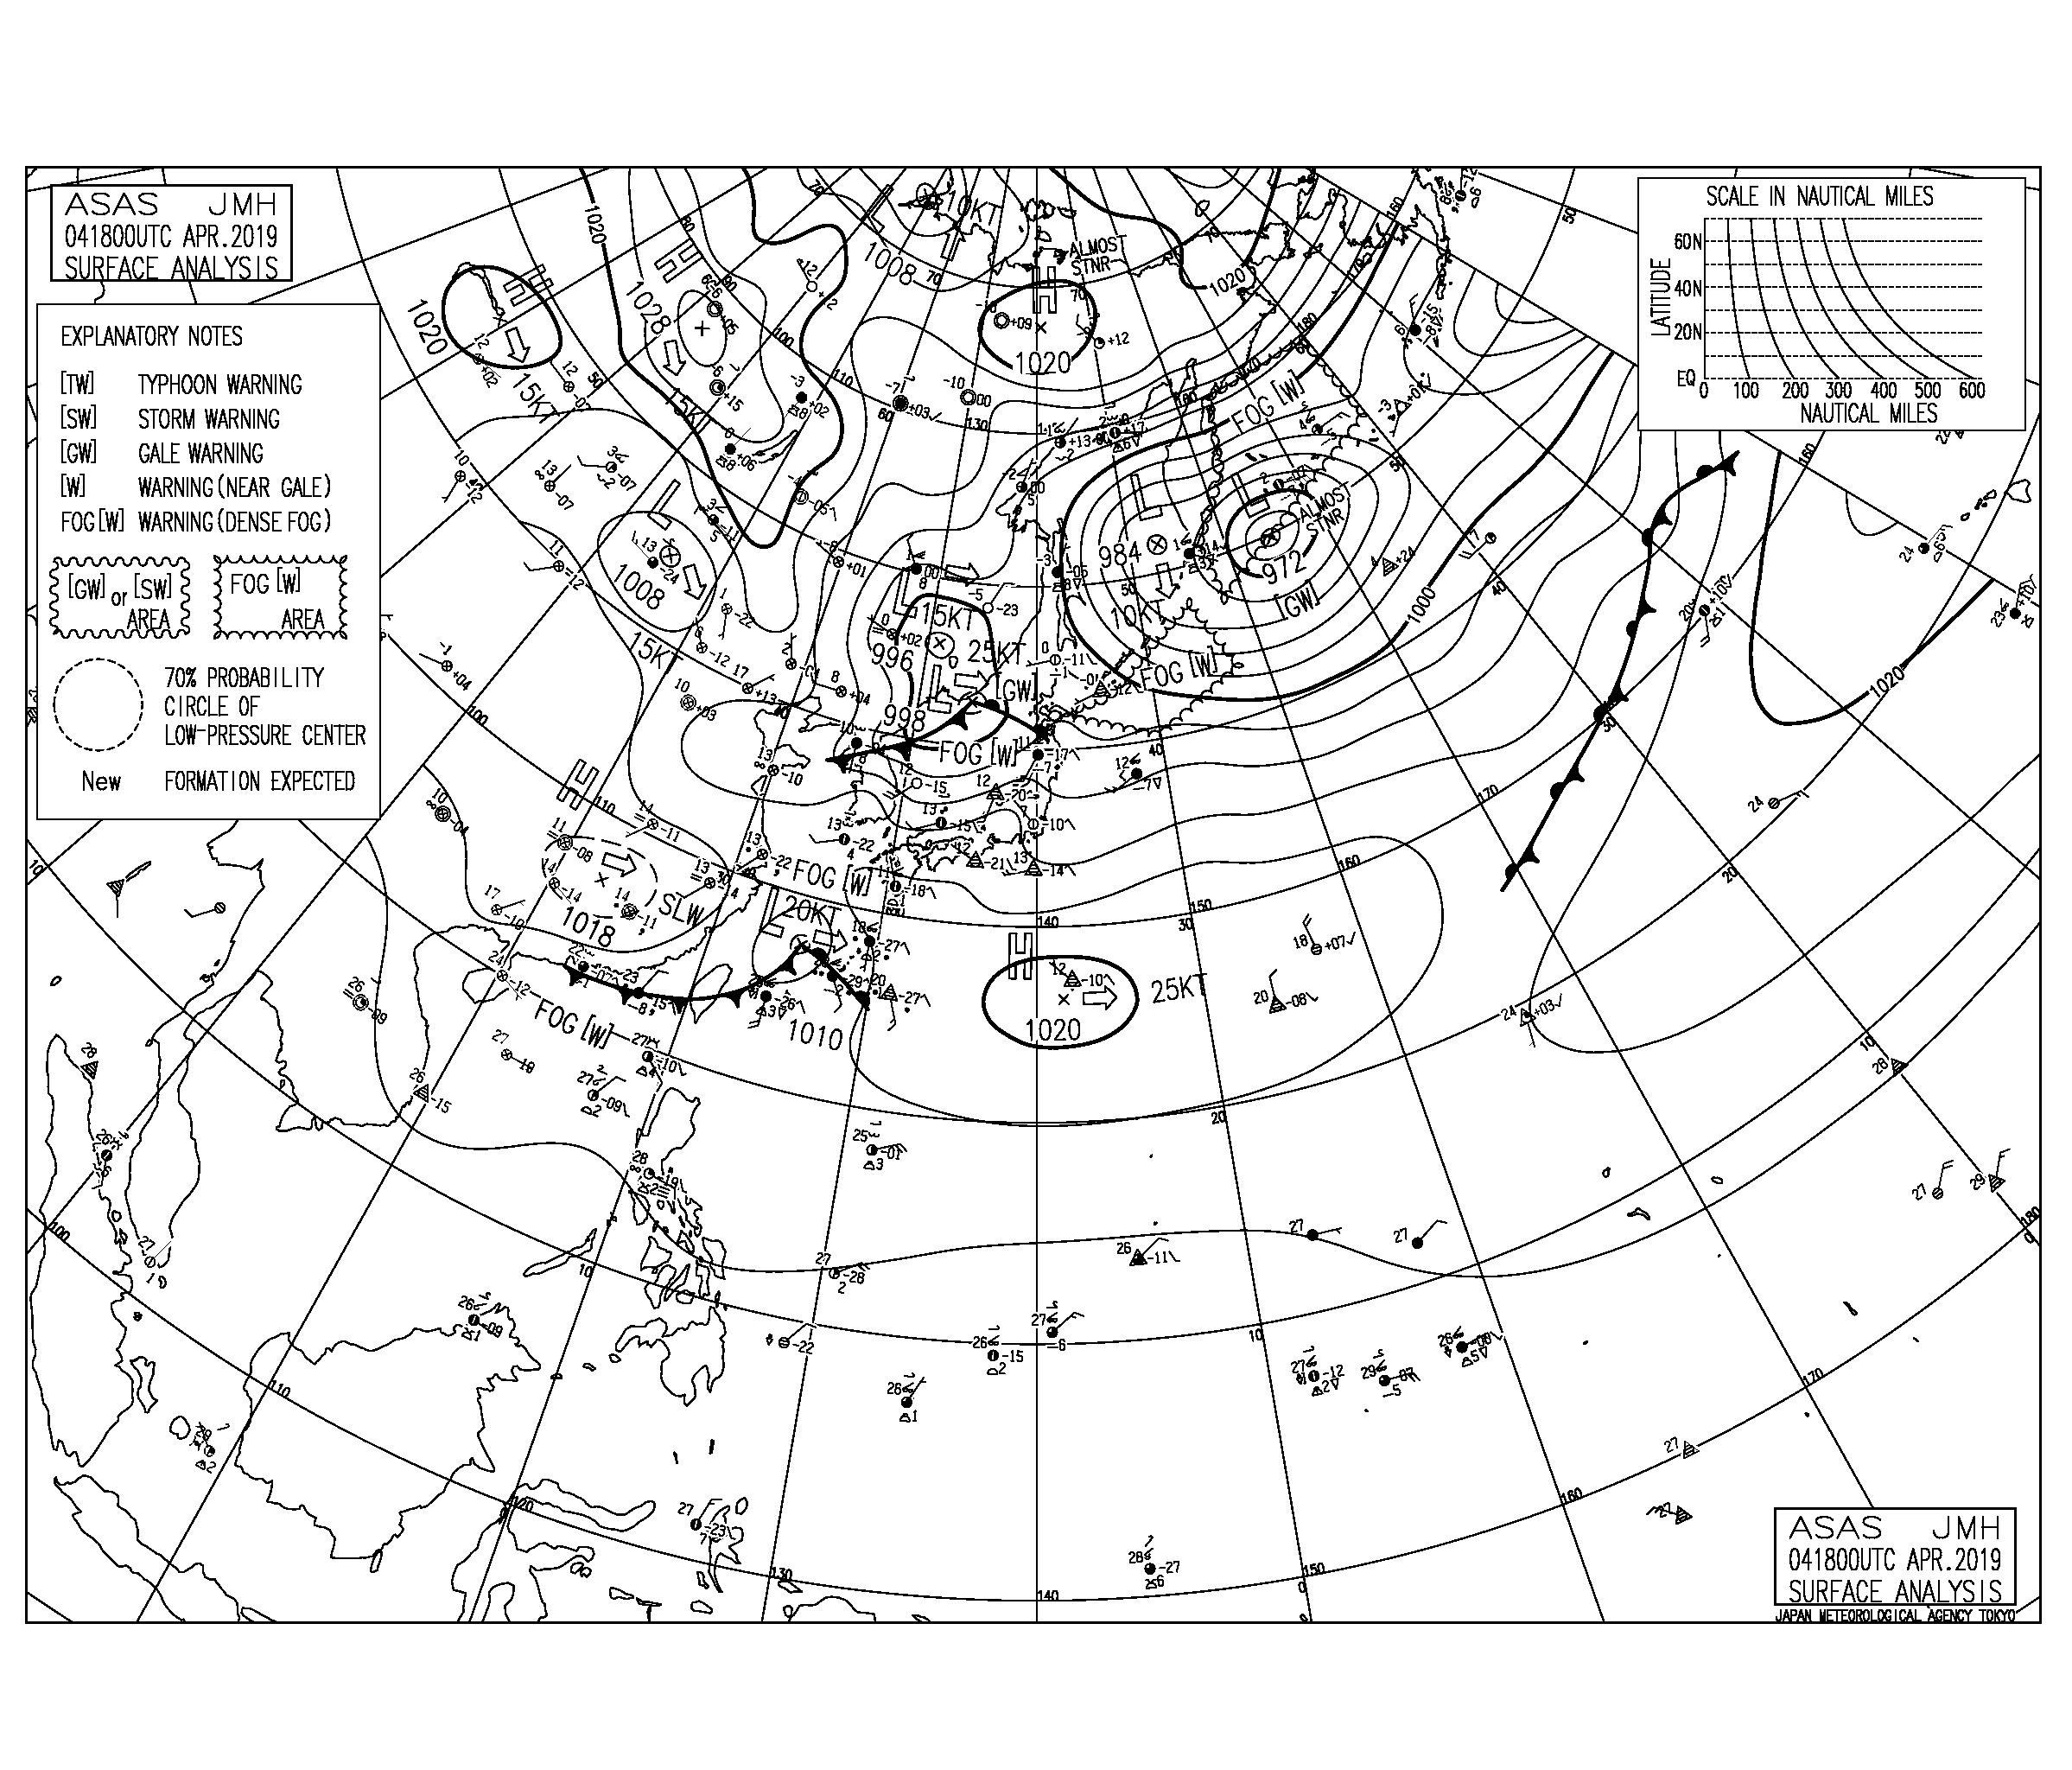 今日も南高北低の気圧配置、日本海の低気圧にむけて南西の風が強まる【2019.4.5】